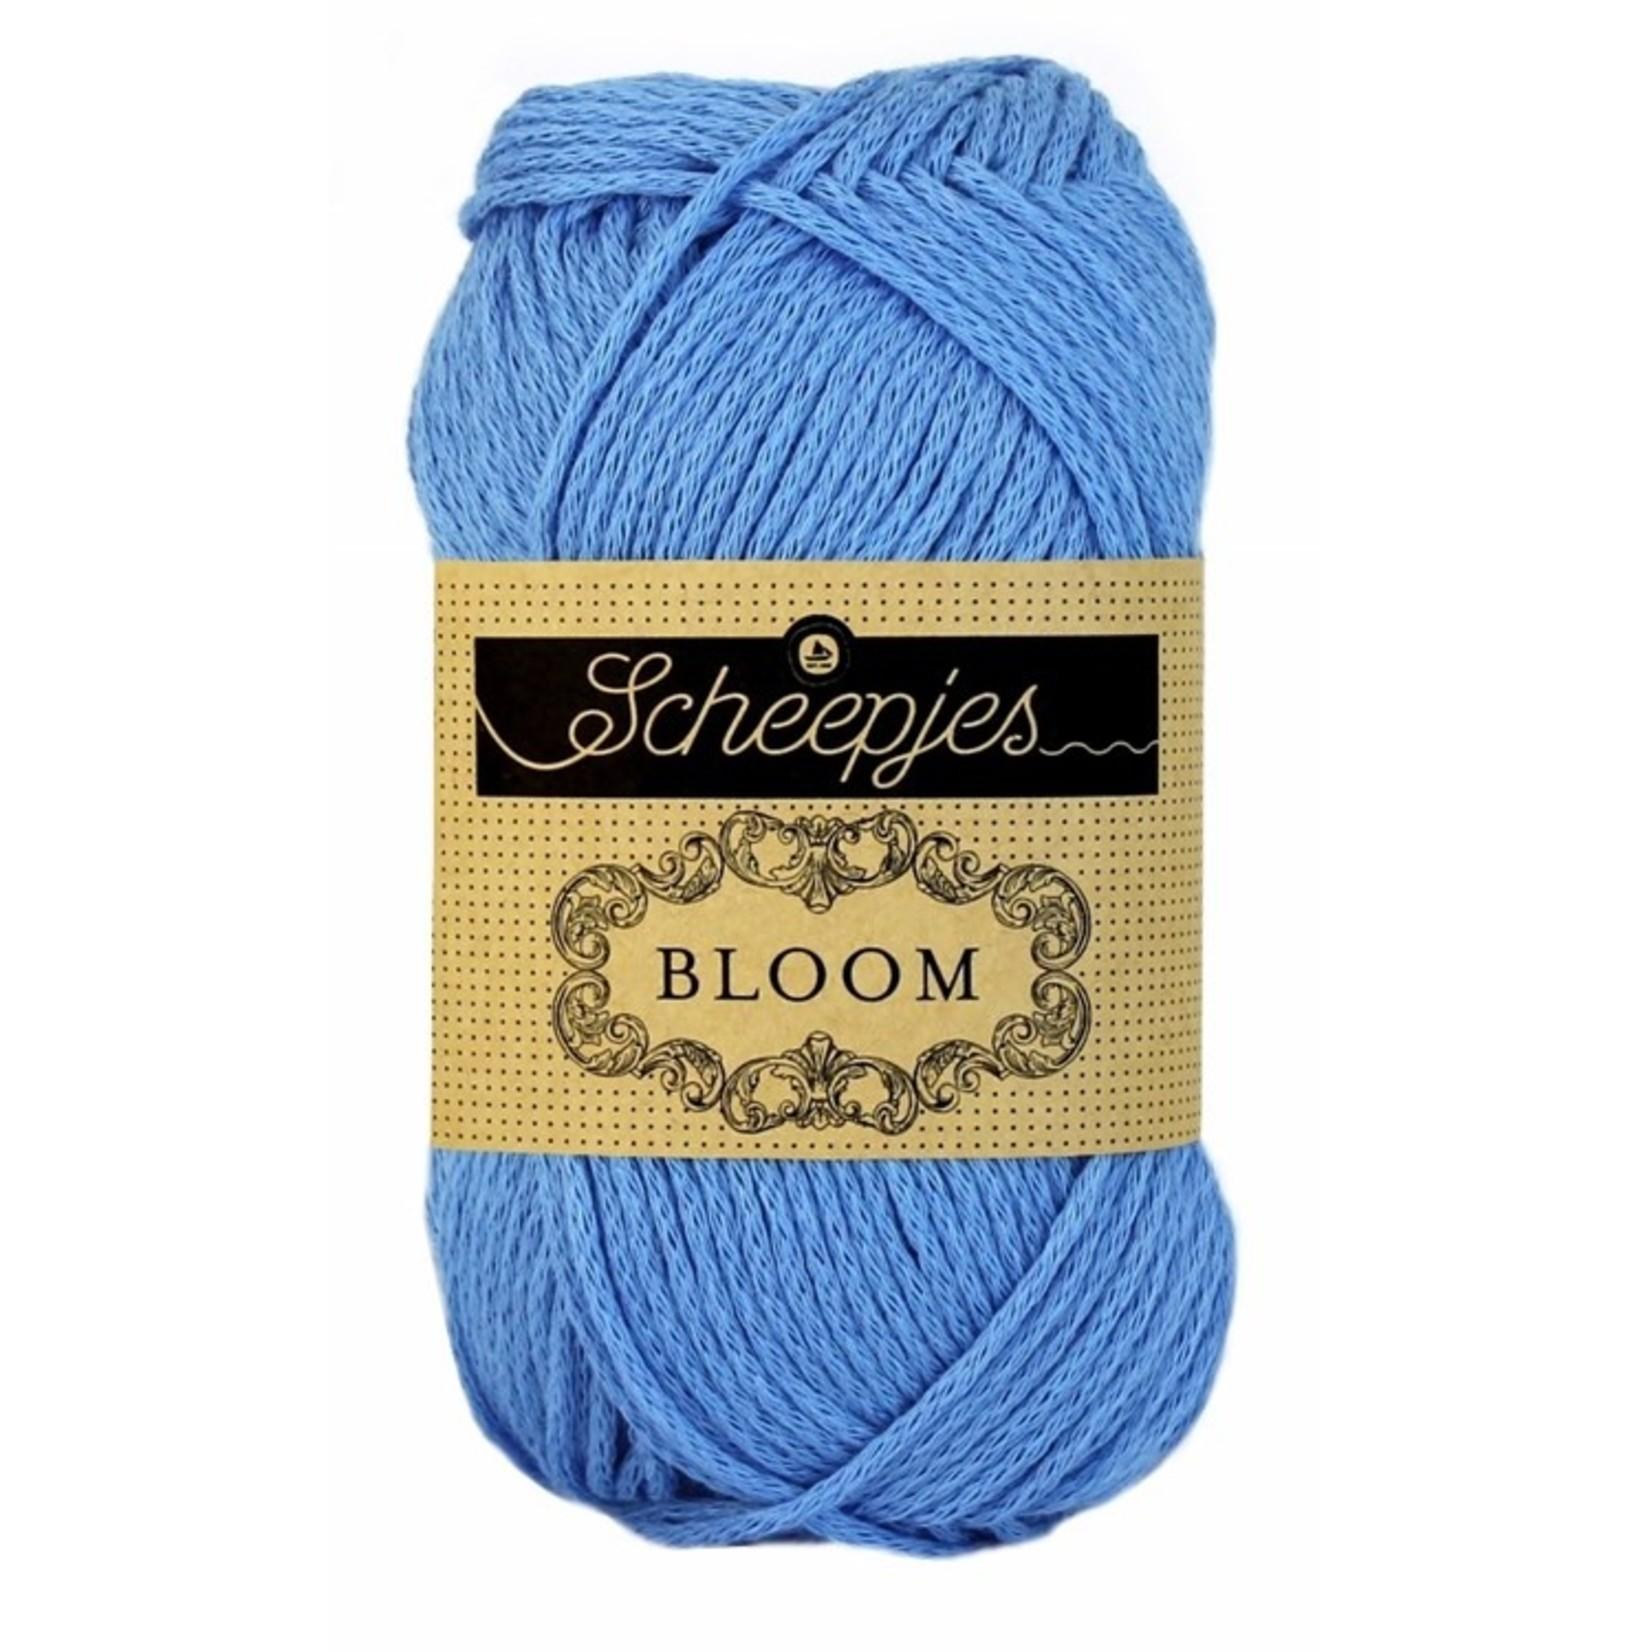 Scheepjes Scheepjes Bloom Kleur 418 Hydrangea - 1 bol = 50 gr. = 80 m.